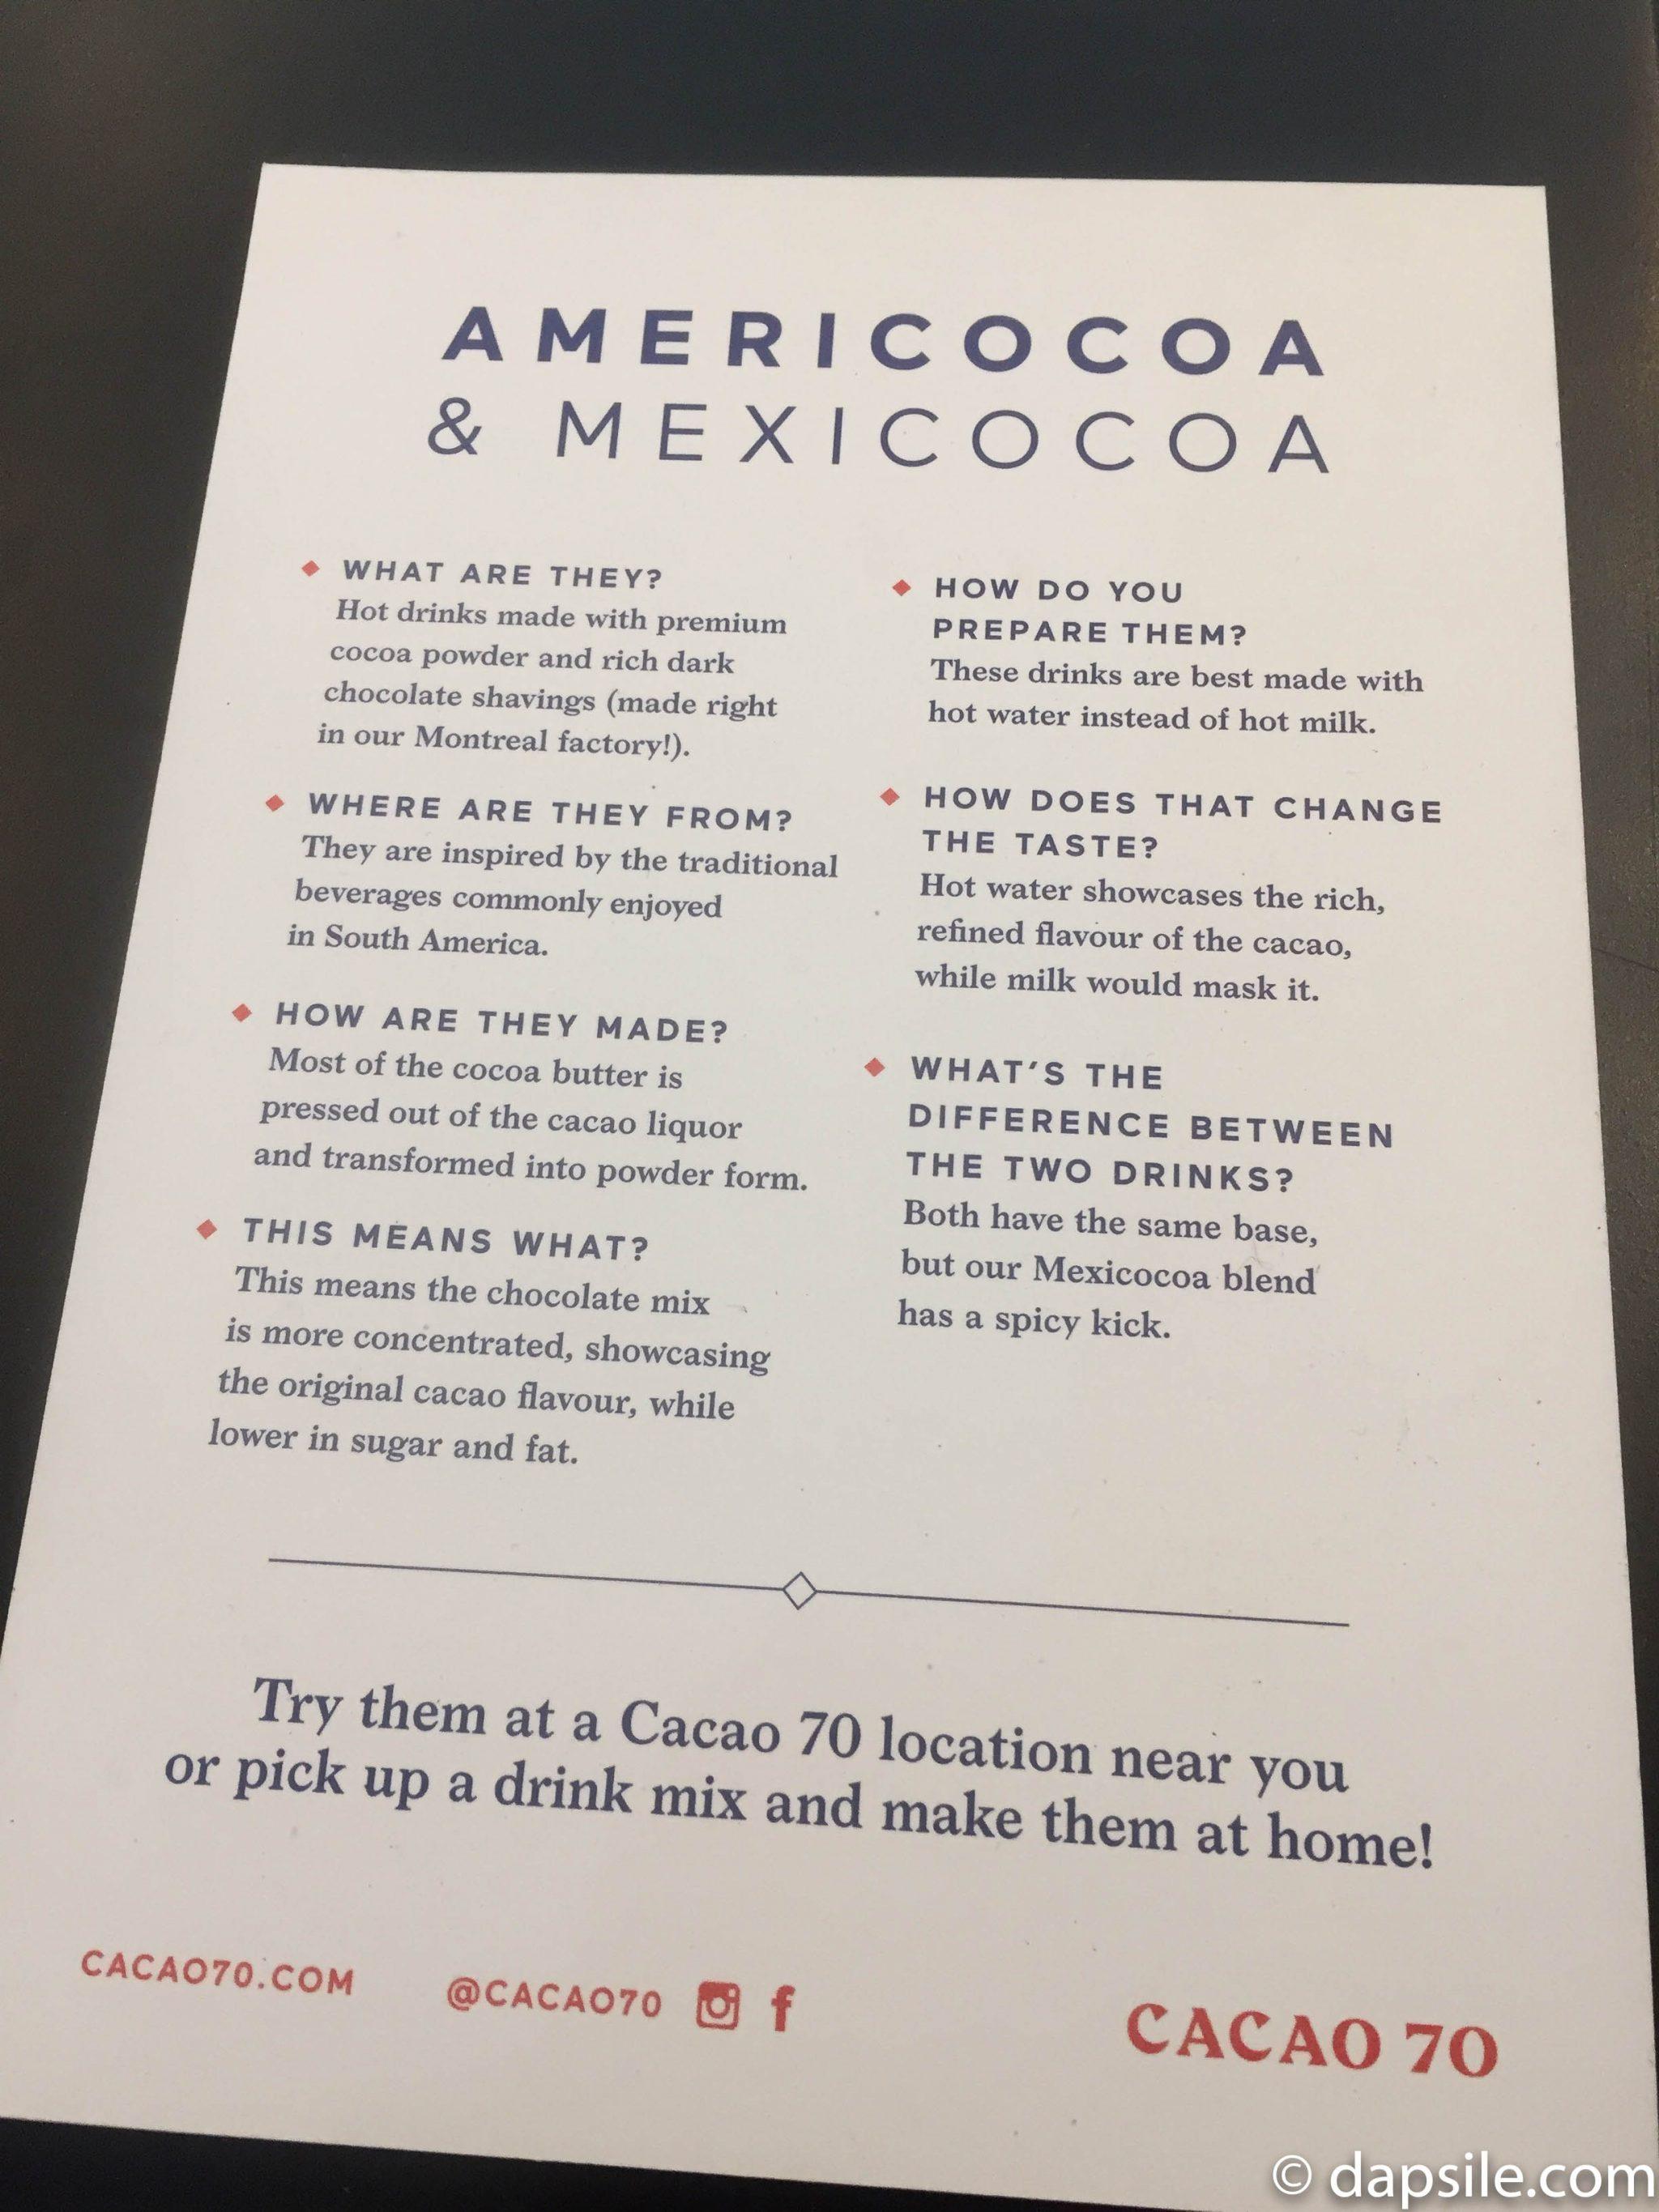 Americocoa & Mexicocoa Pamphlet Description